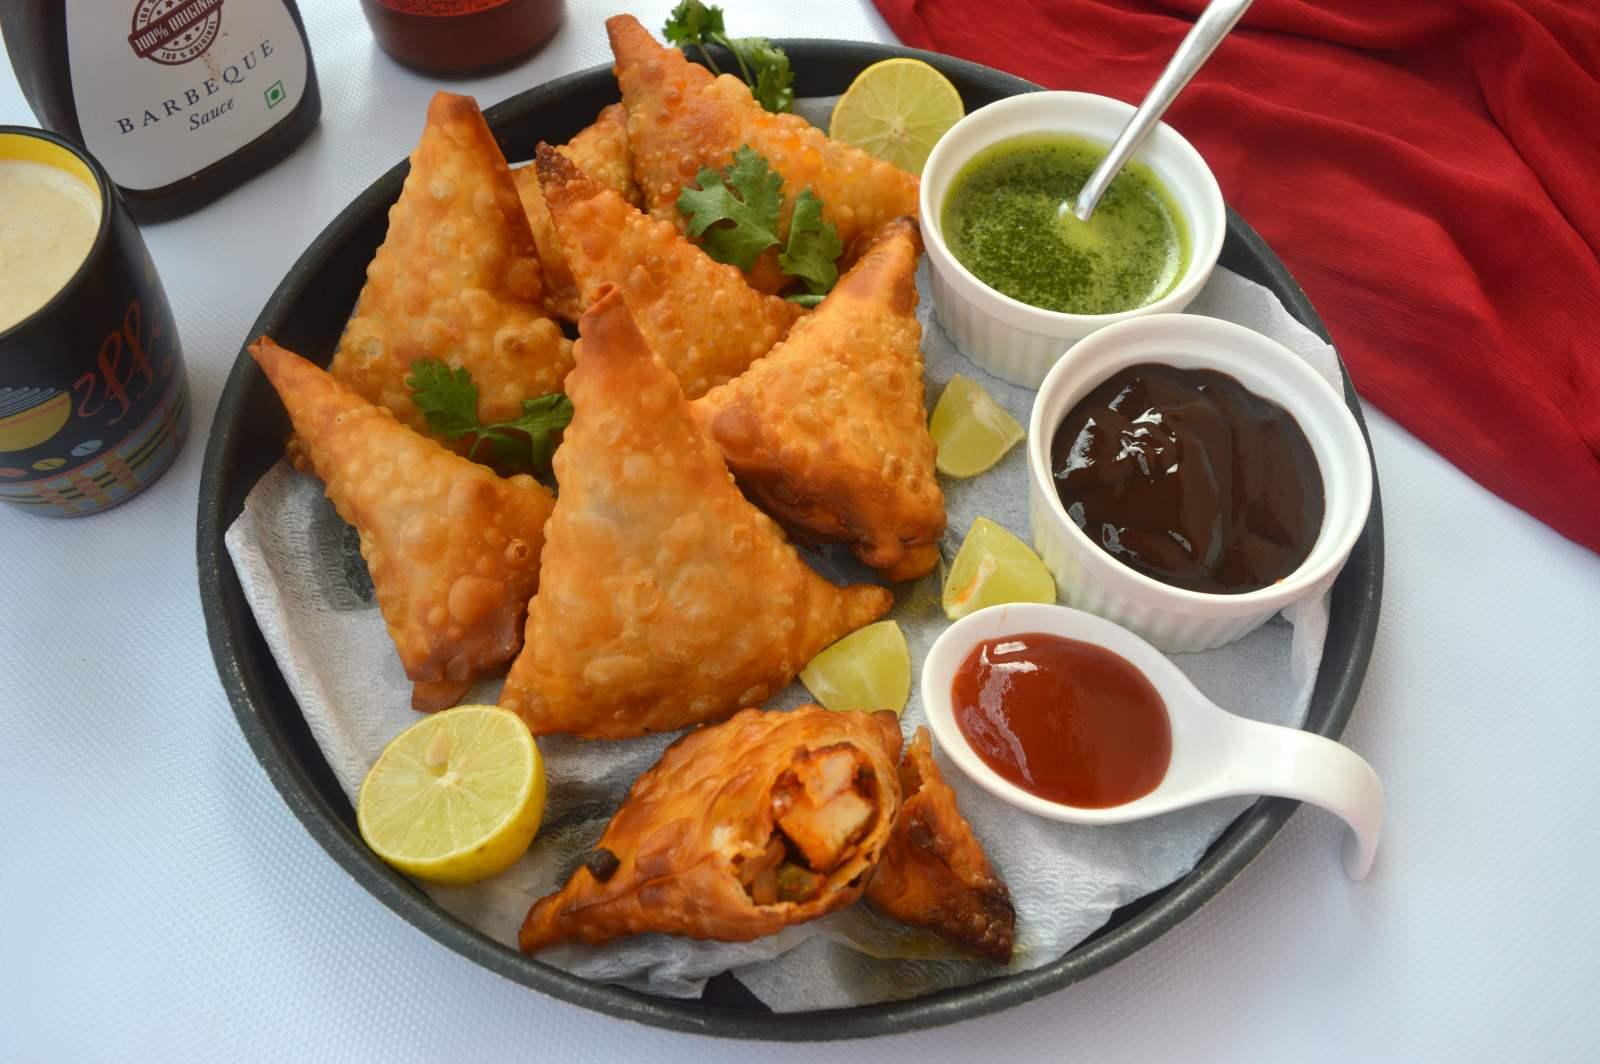 Tandoori kitchen - Tandoori Paneer Samosa Recipe With Baked Option